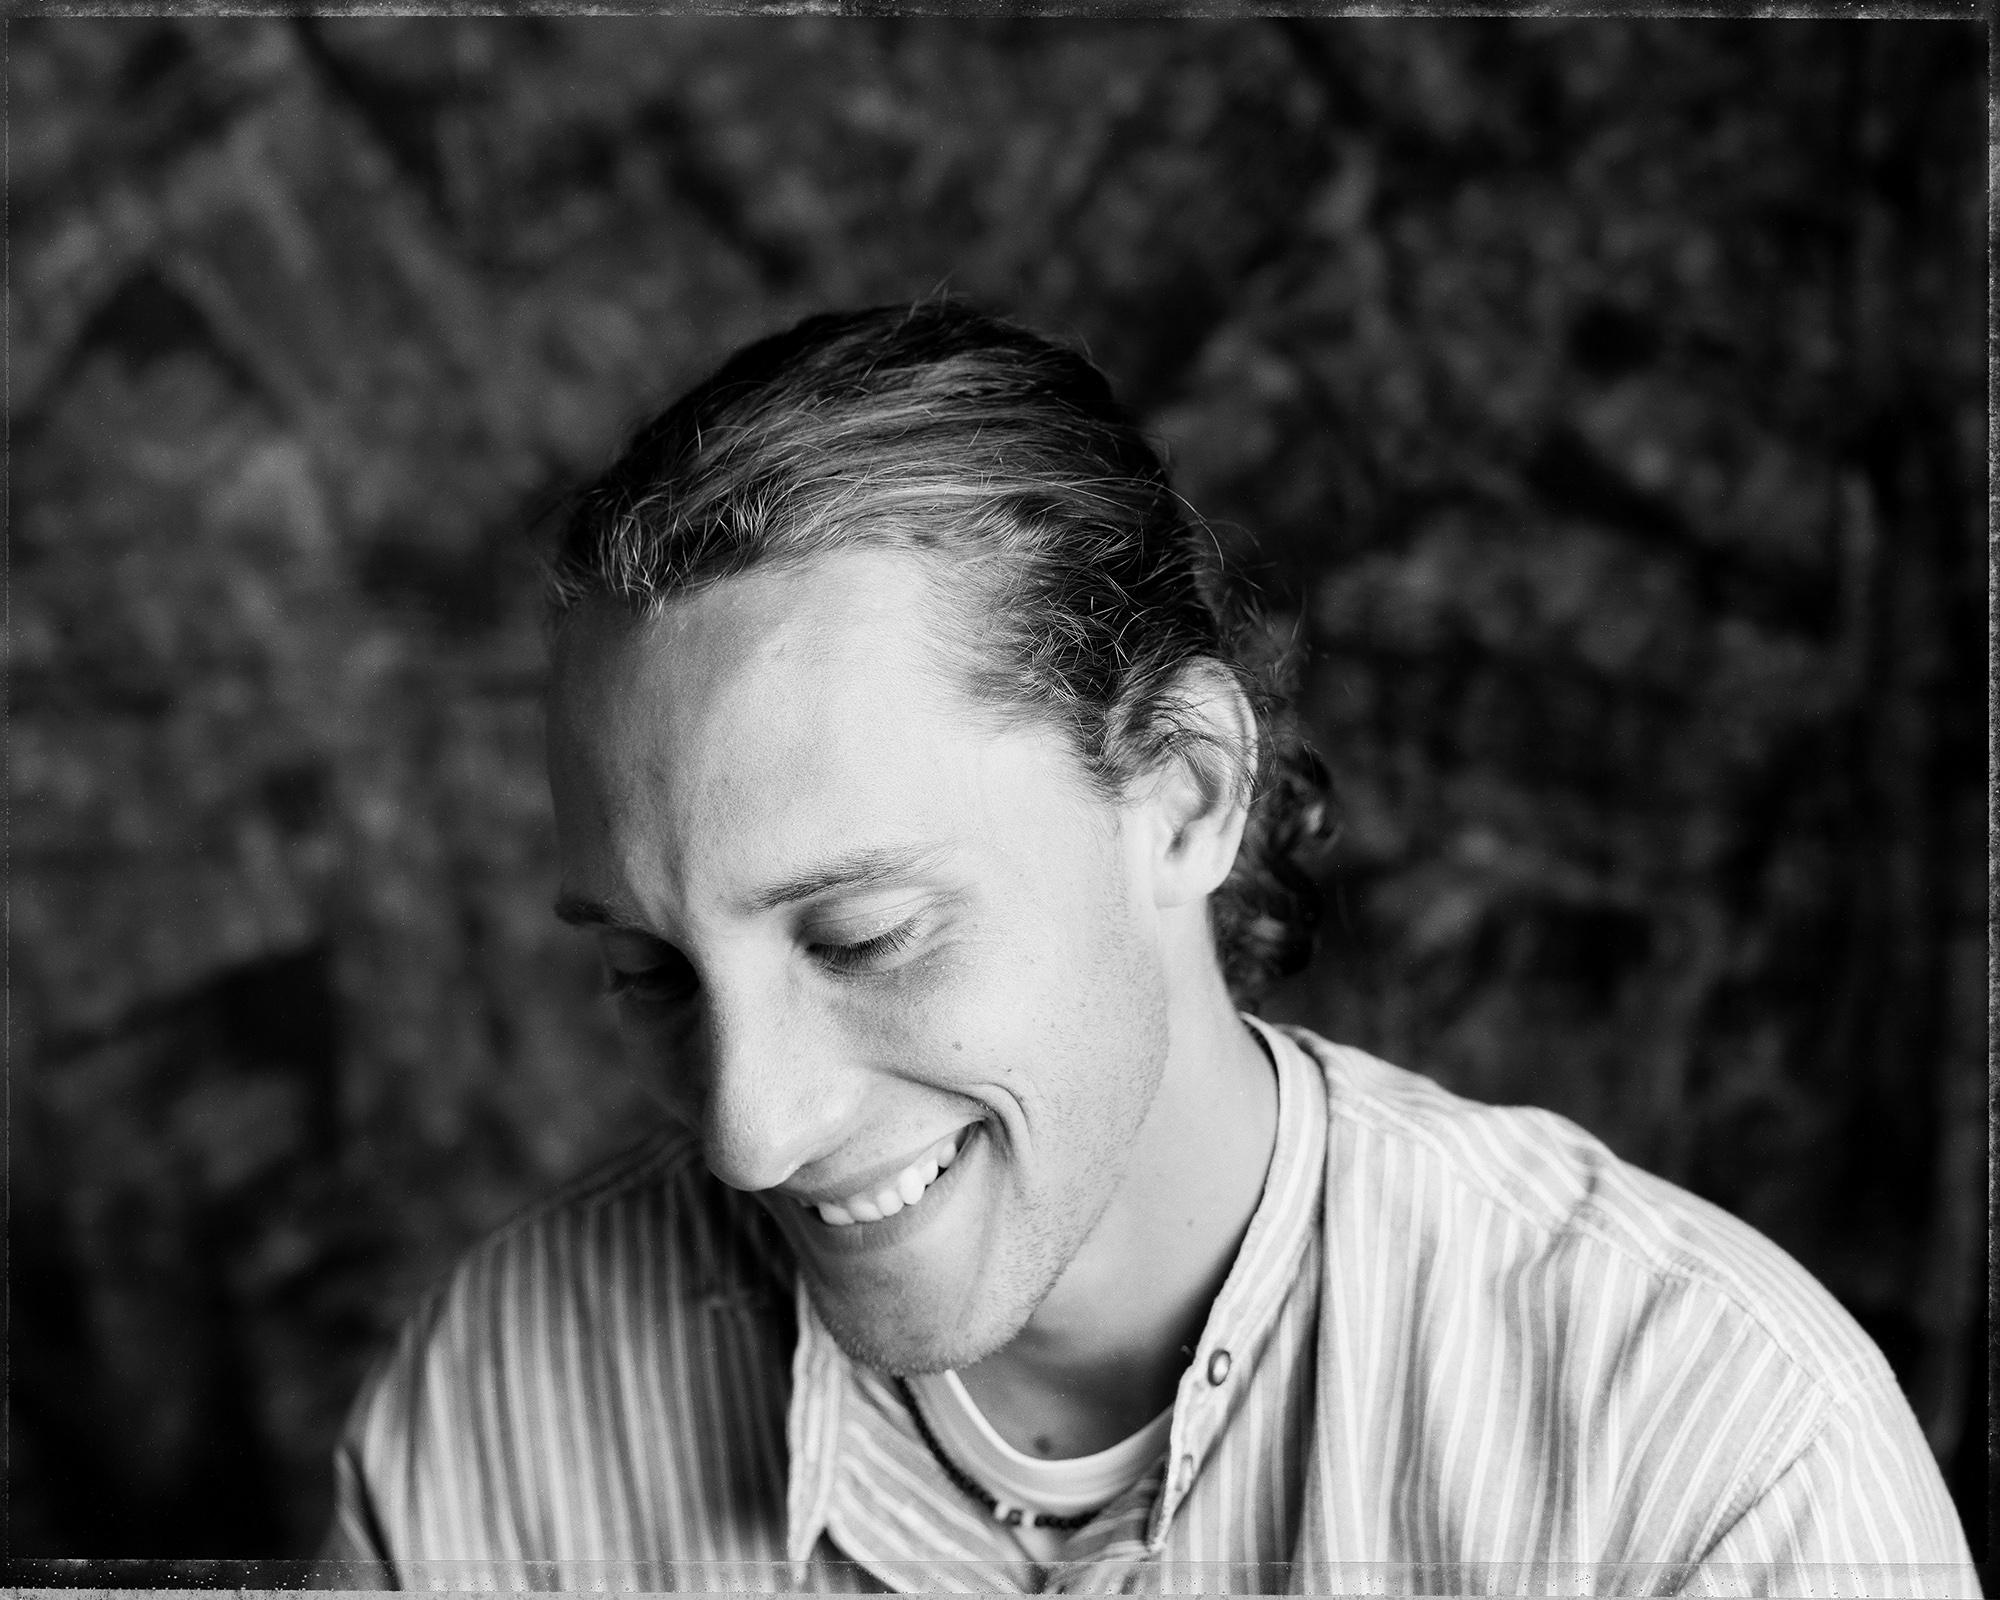 Tom_Smiling.jpg